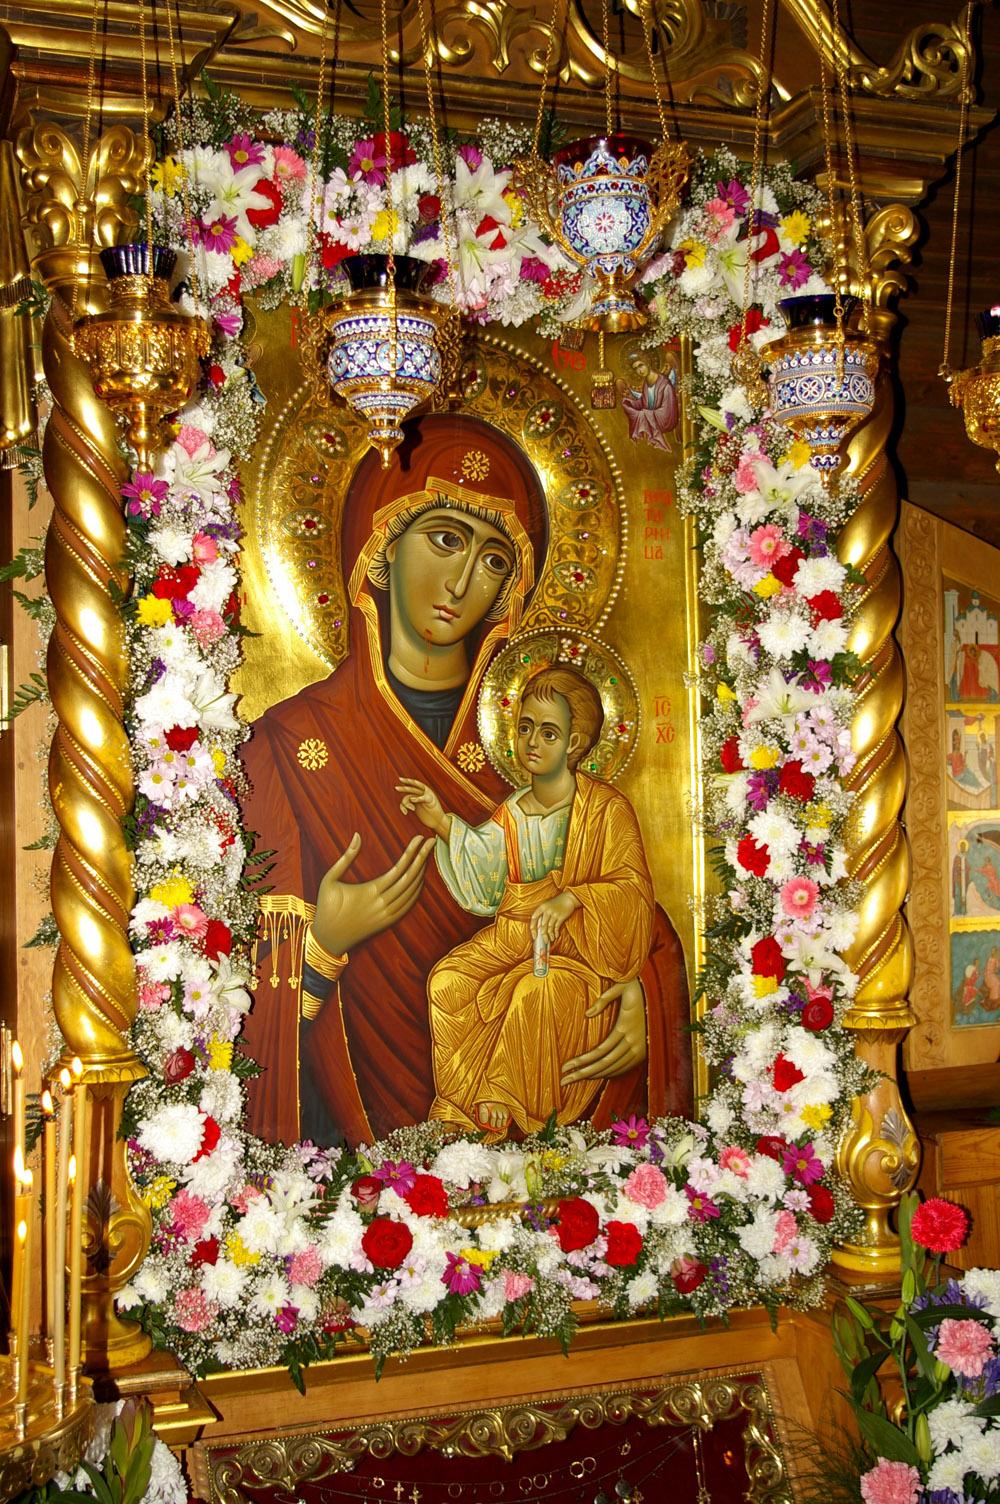 Иверская икона Пресвятой Богородицы ...: brooklyn-church.org/iverskaya-ikona-presvyatoj-bogorodicy.html